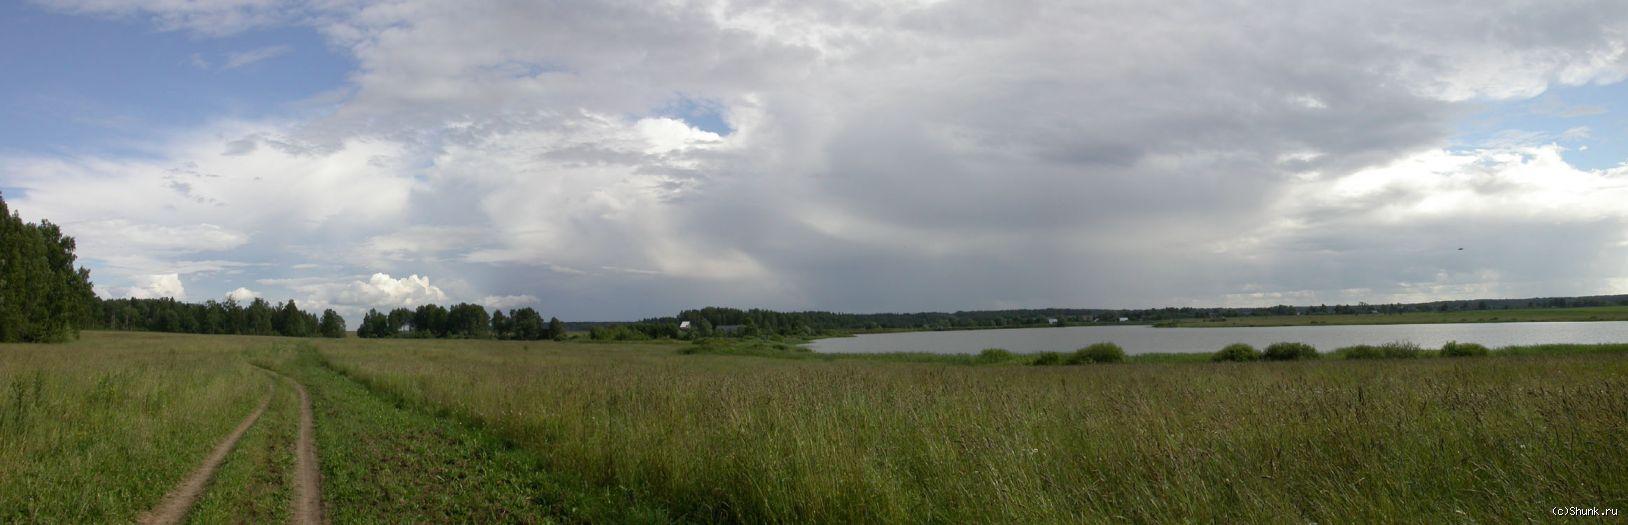 РыбХоз. Панорама. - панорама лето река травка фото фотосайт